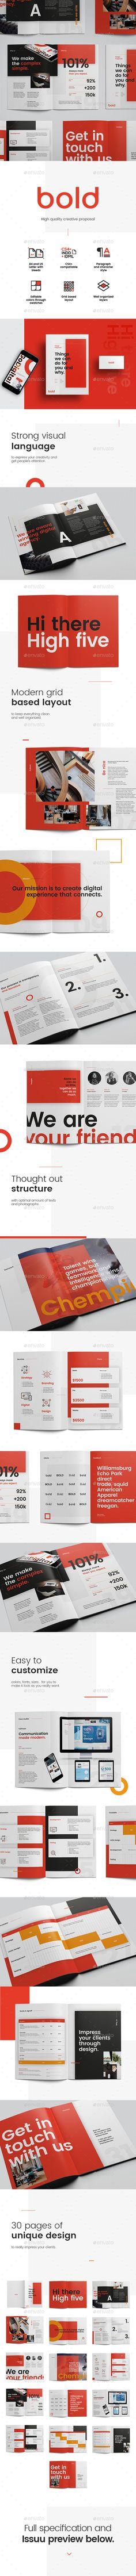 Bold Design Proposal — InDesign INDD #modern #us letter • Download ➝ https://graphicriver.net/item/bold-design-proposal/20329342?ref=pxcr